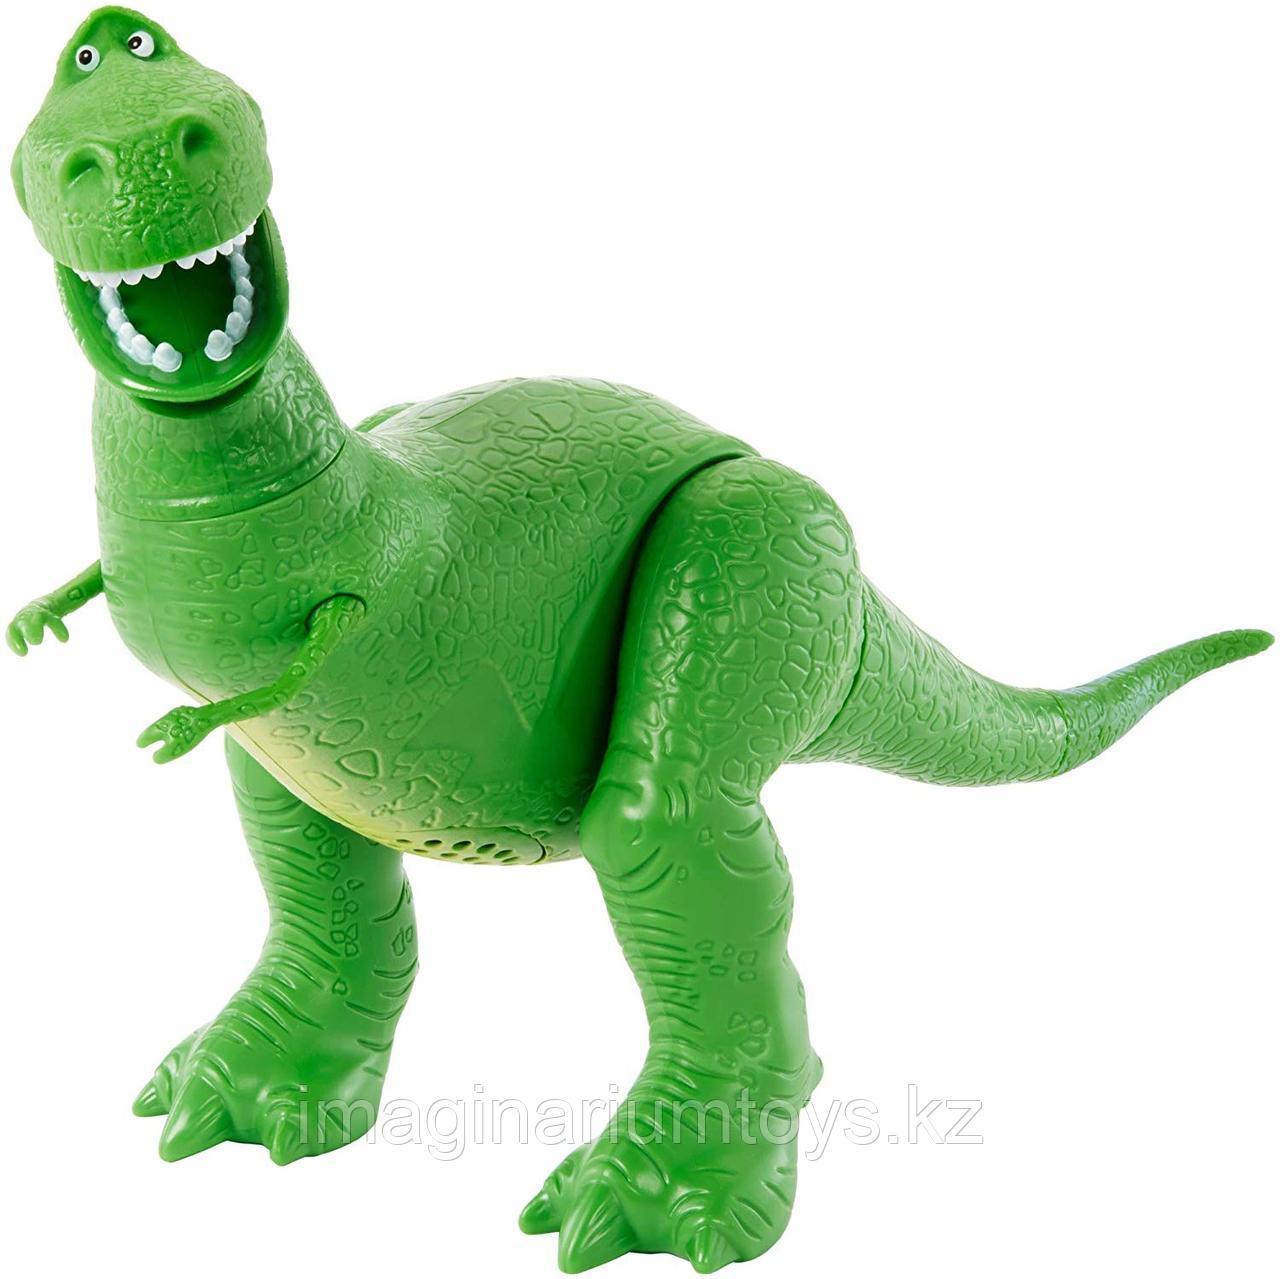 Динозавр Рекс говорящий из м/ф «История игрушек»